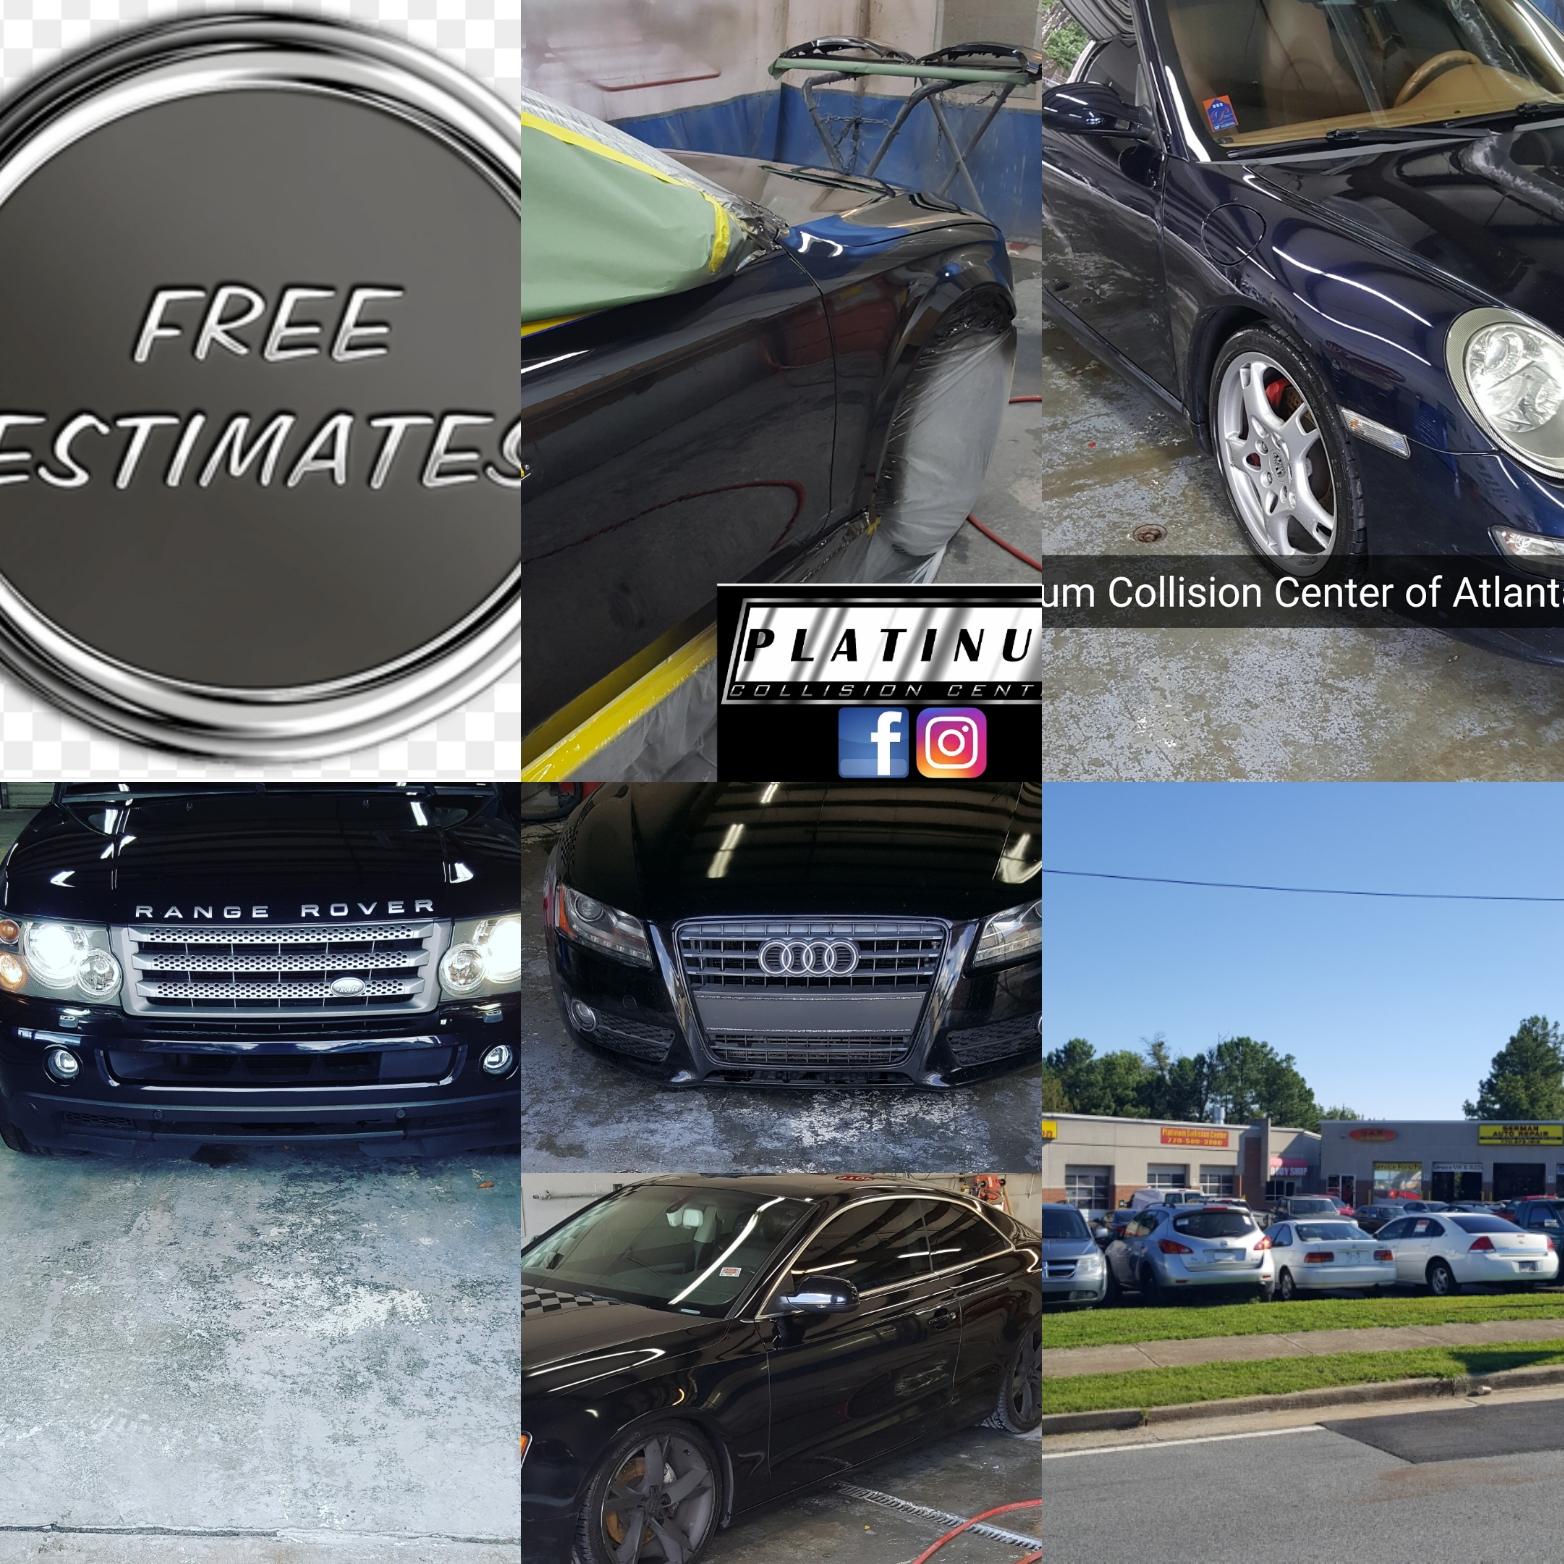 Platinum Collision Center of Atlanta, LLC - Black Owned